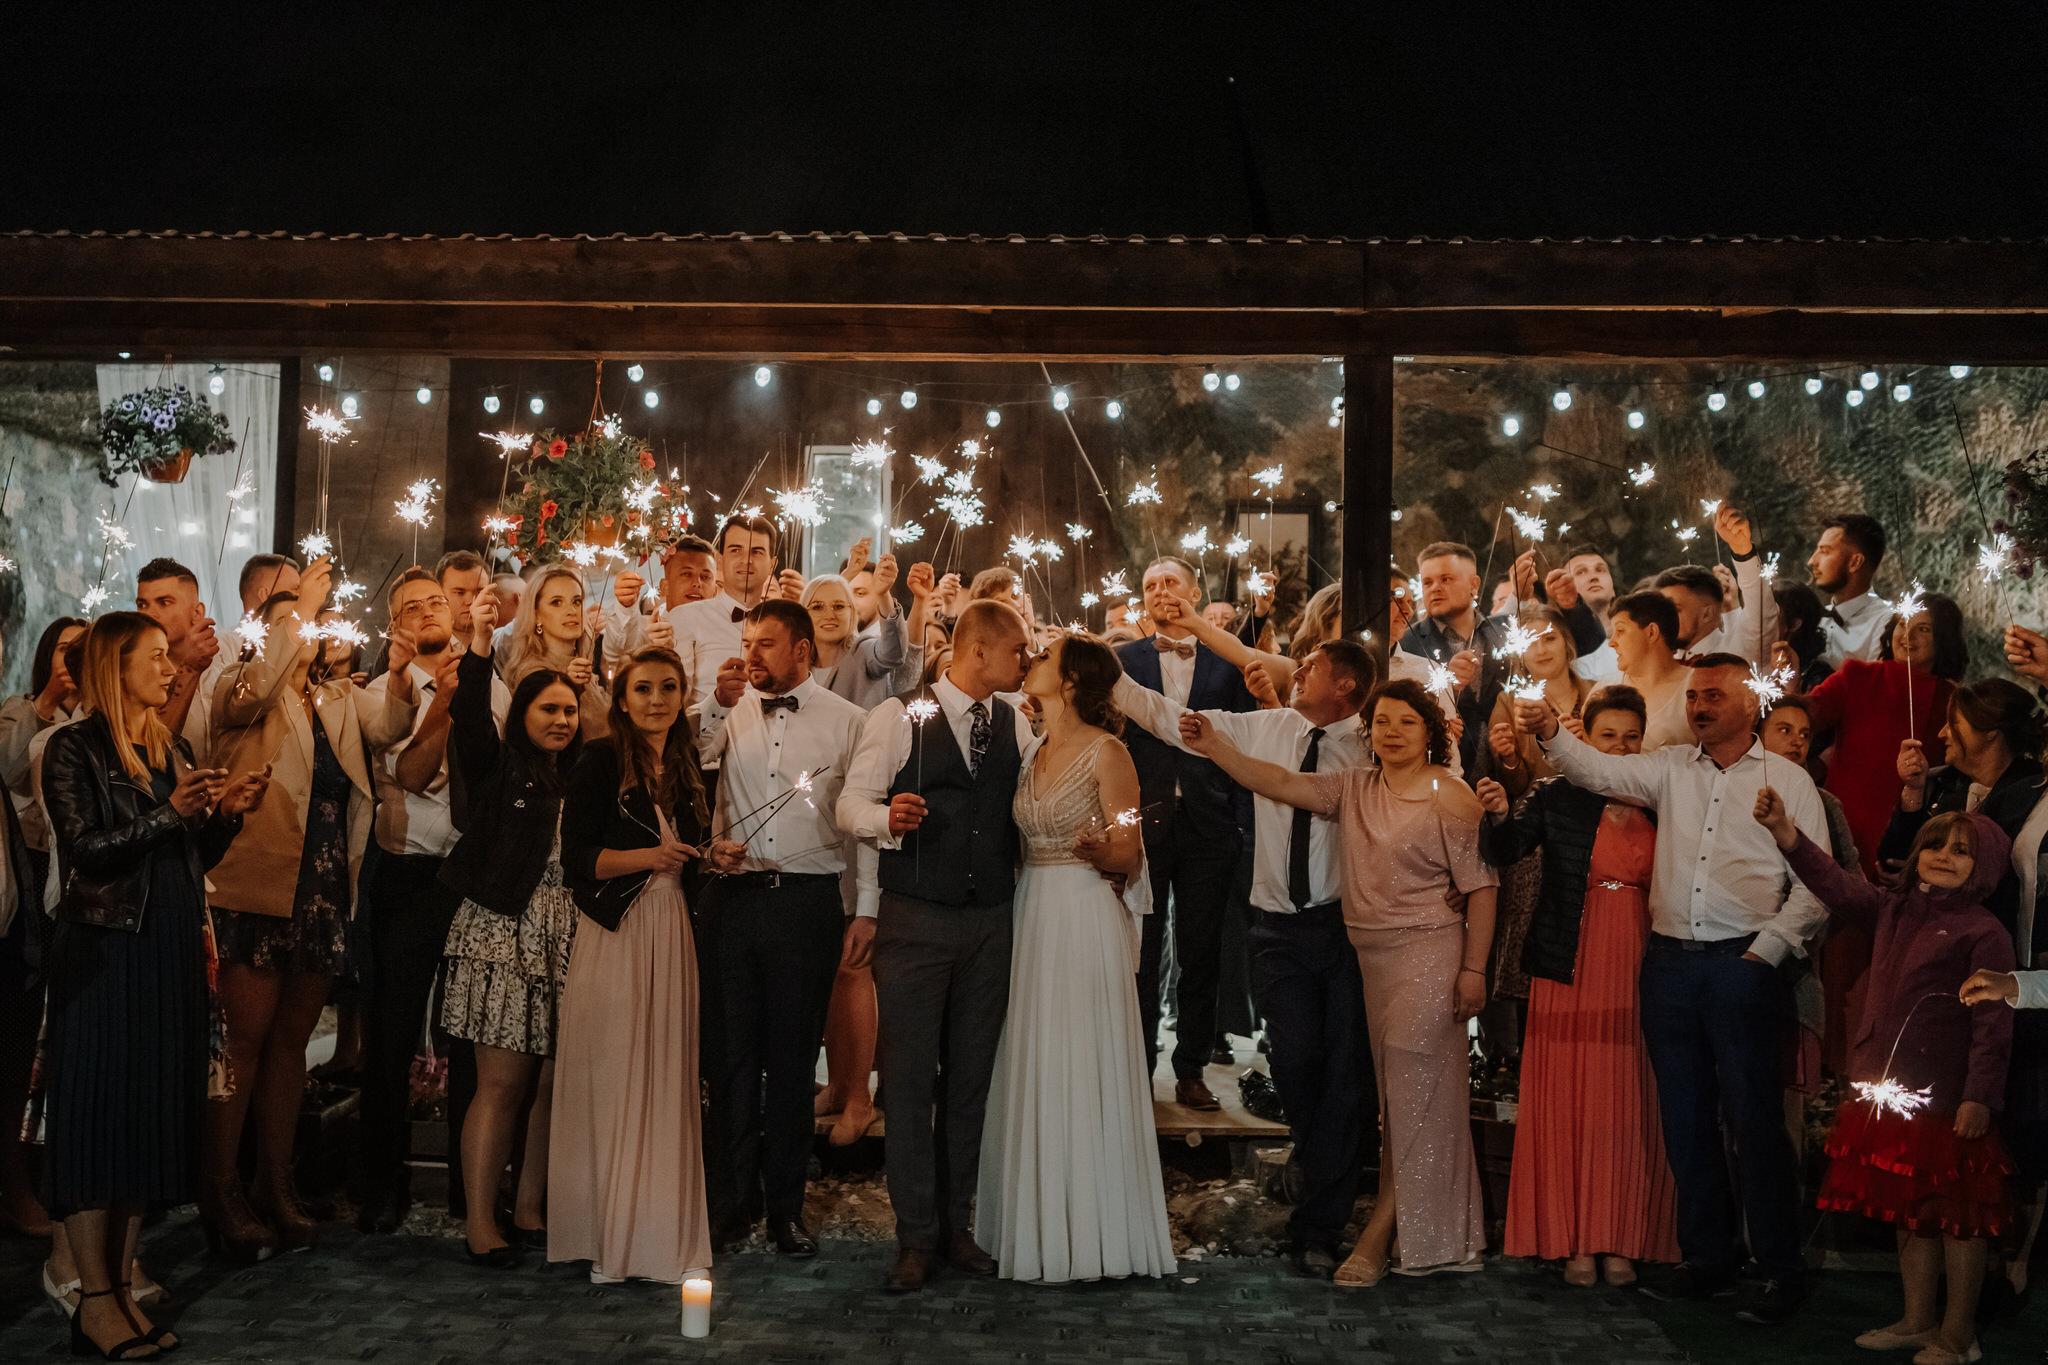 5 wesele rakowka reportaz slubny lubelskie 603 - Wesele w stodole Biłgoraj | 15.05.2021